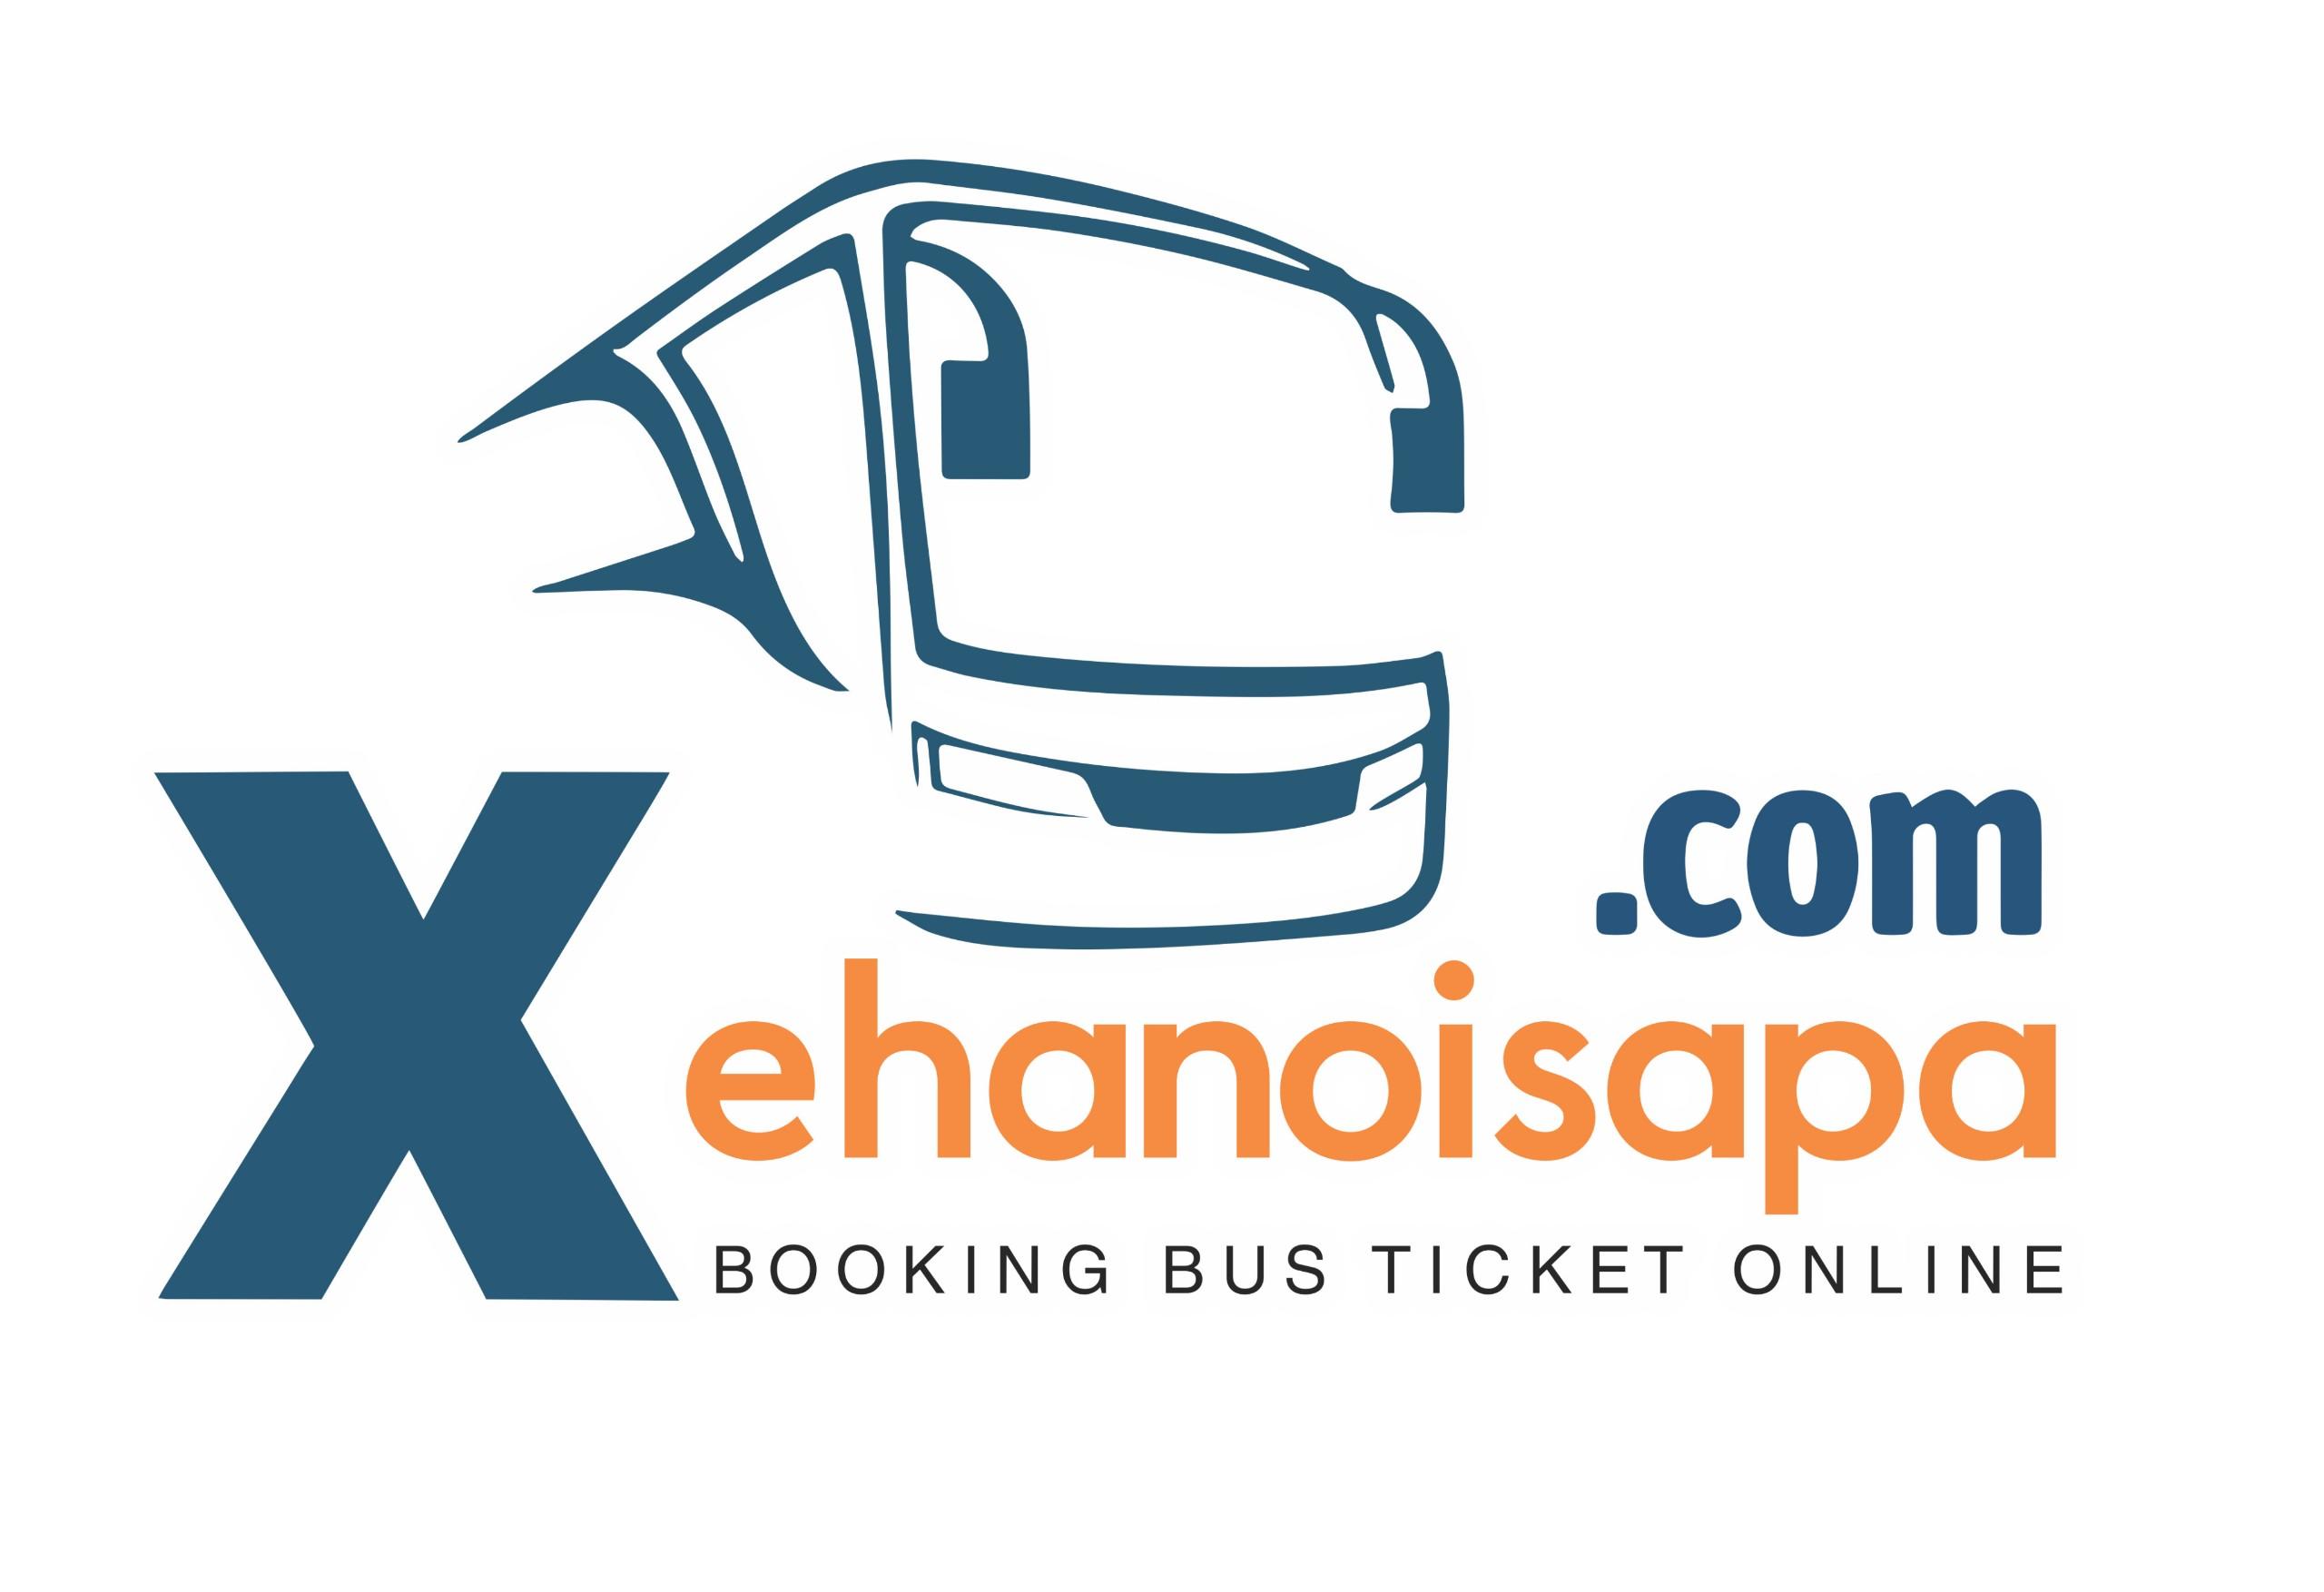 Hãng xe Hà Sơn Hải Vân - Booking online nhanh chóng tại Xehanoisapa.com